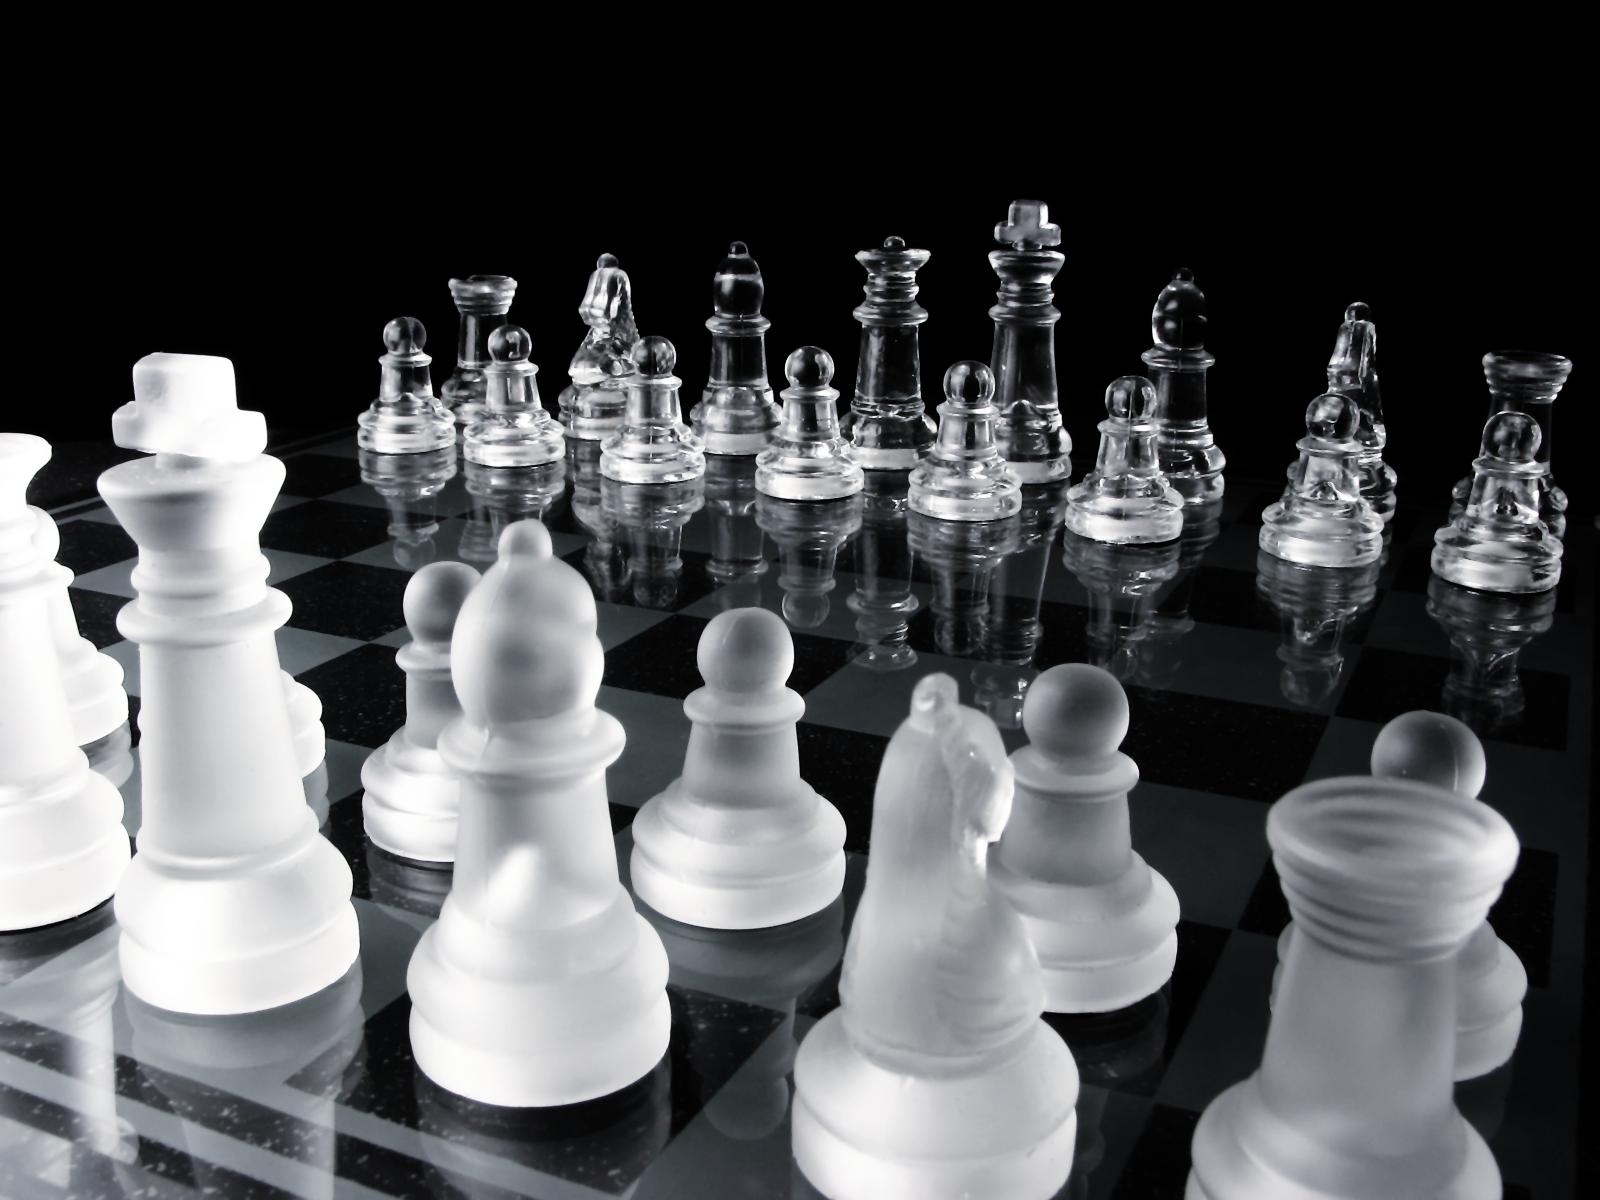 3d chess computer wallpaper 49453